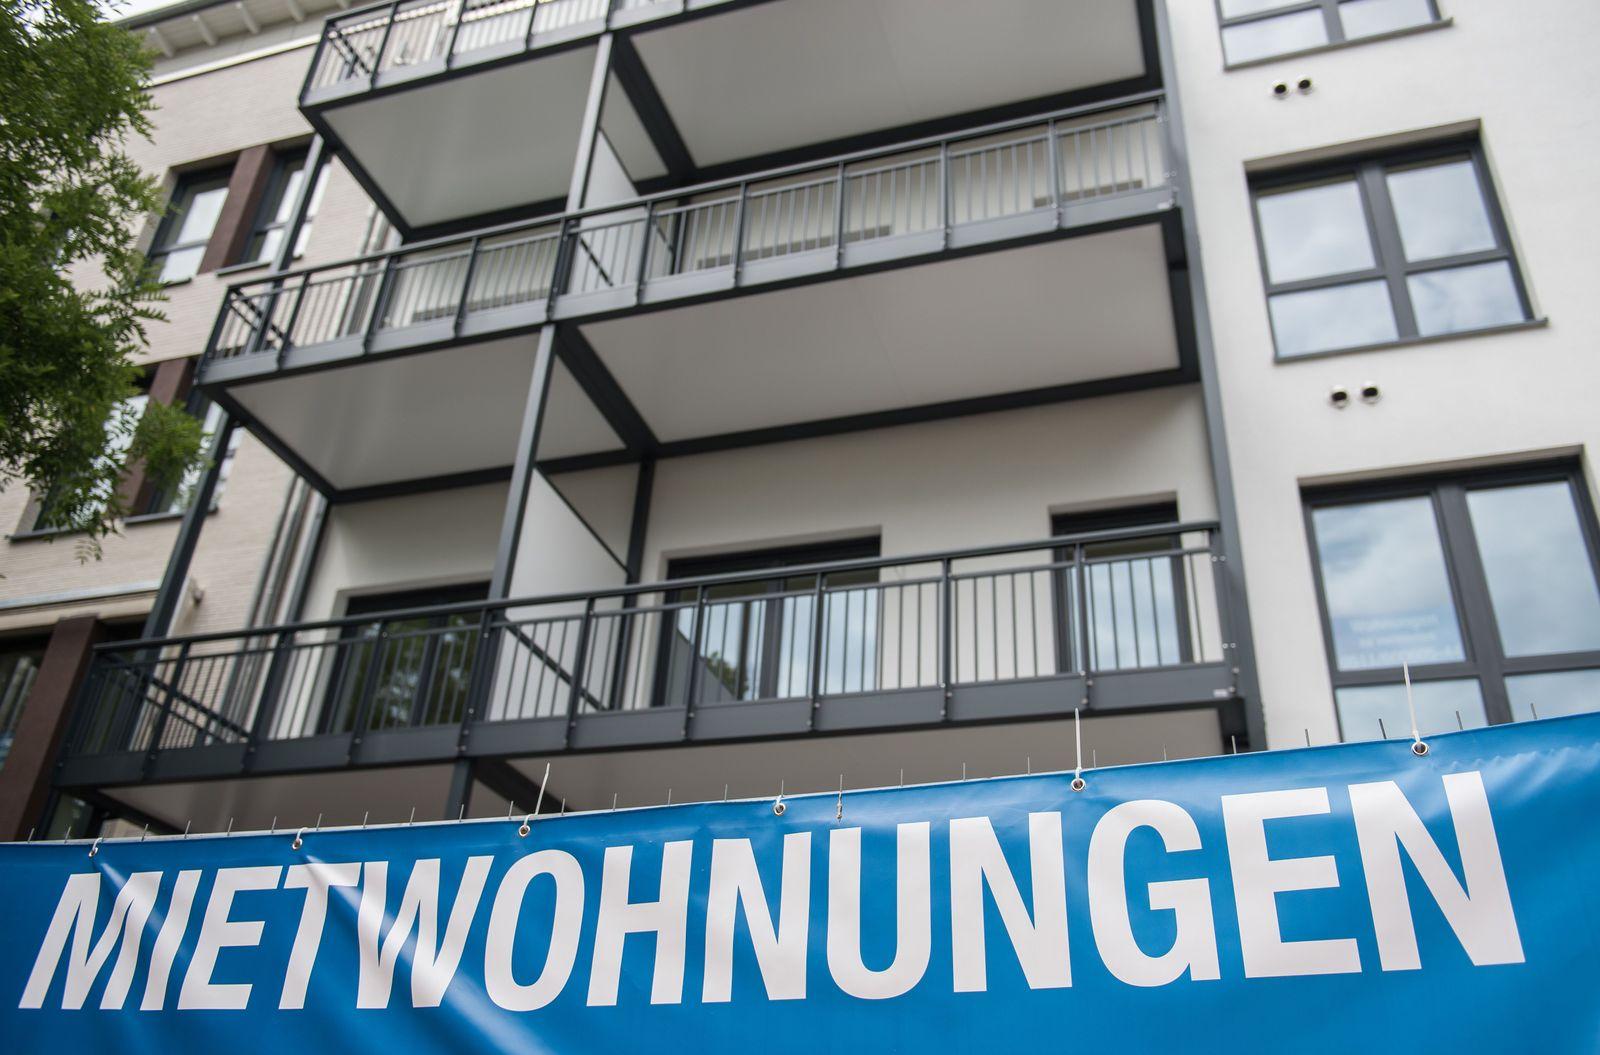 Mietwohnungen / Wohnungsmarkt / Wohnungen / Mieten